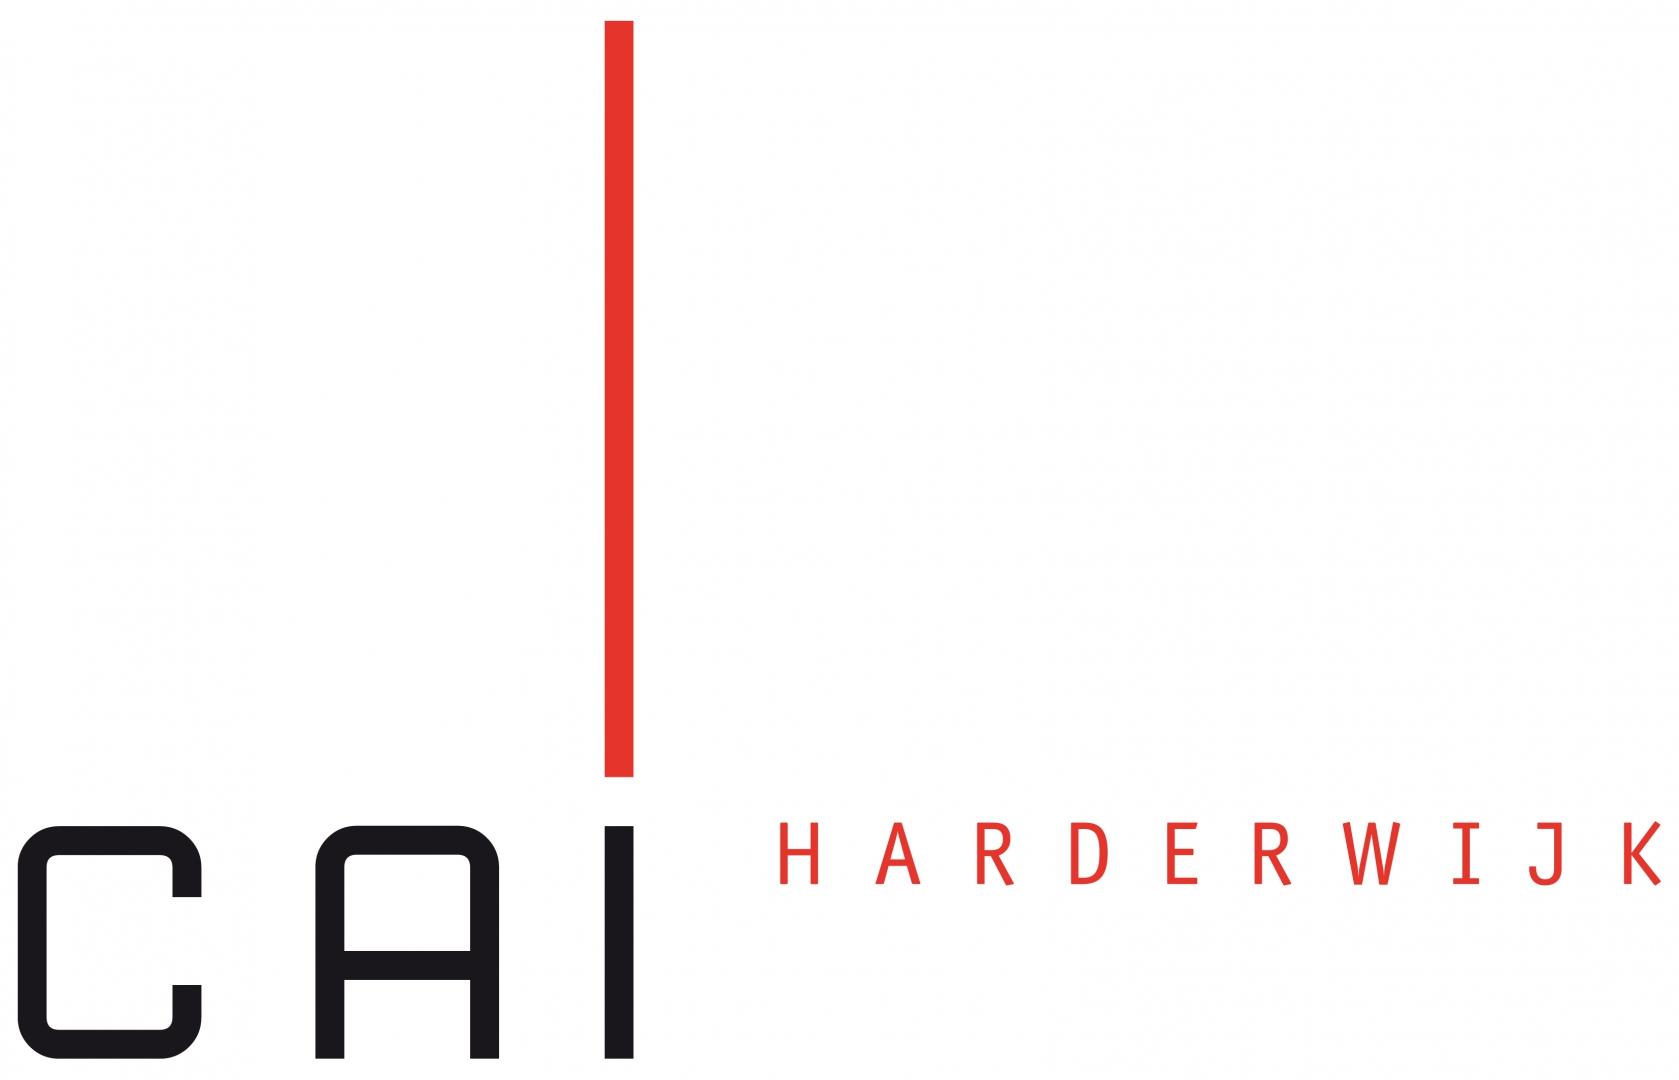 Harderwijk eerste '100% Glas' stad - Aanleg netwerk in buitengebied gaat door!